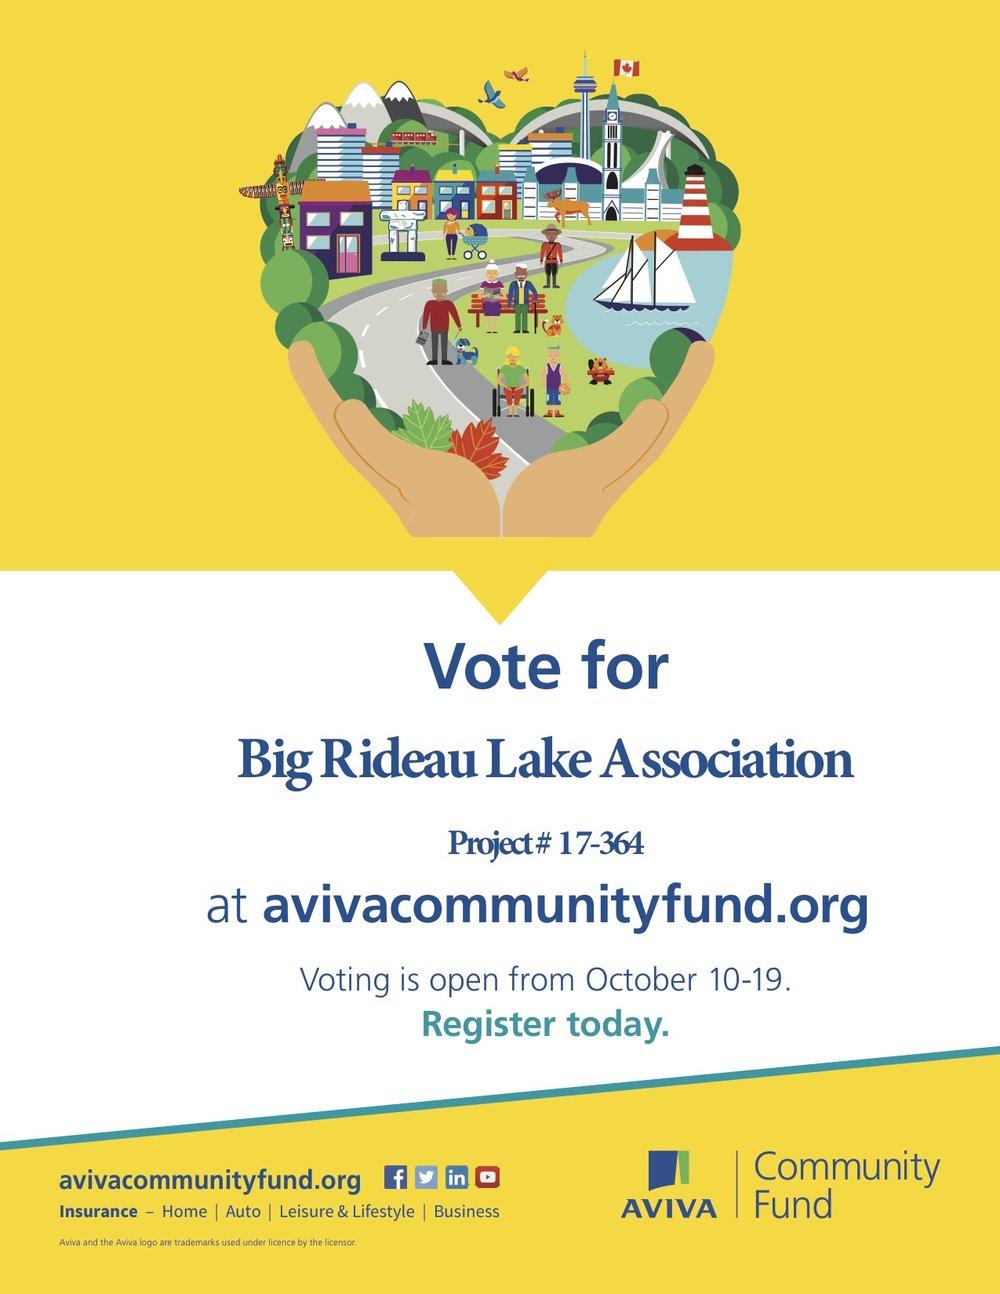 Aviva Community Fund poster (8.5x11) - BRLA.jpg